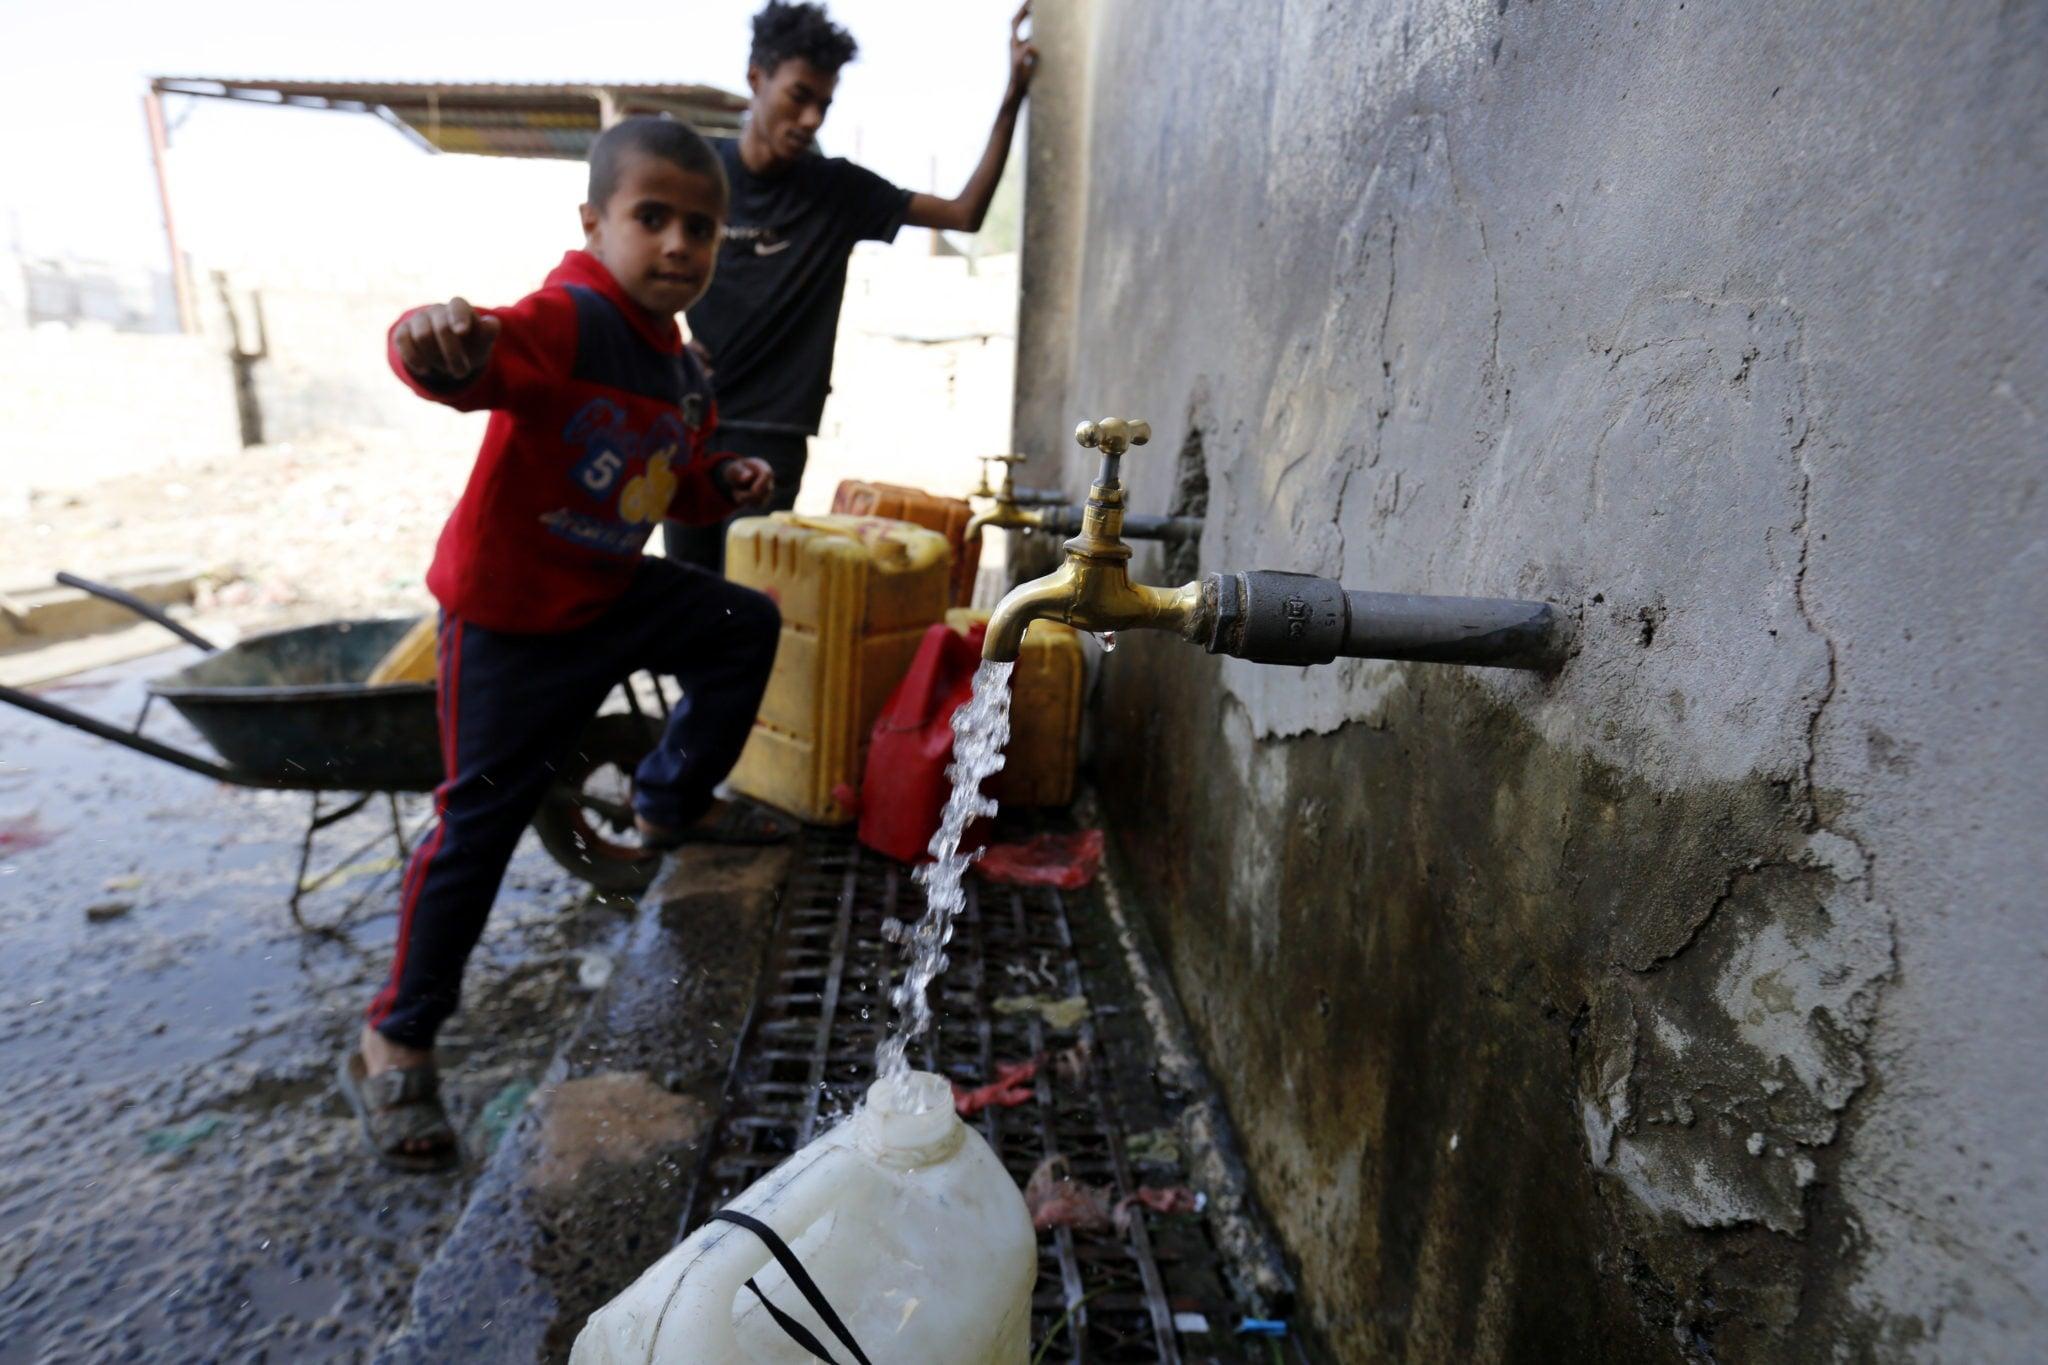 Jemeńskie dzieci nabierają pitną wodę do pojemników w Sanie, stolicy kraju, fot: Yahya Arhab, PAP/EPA